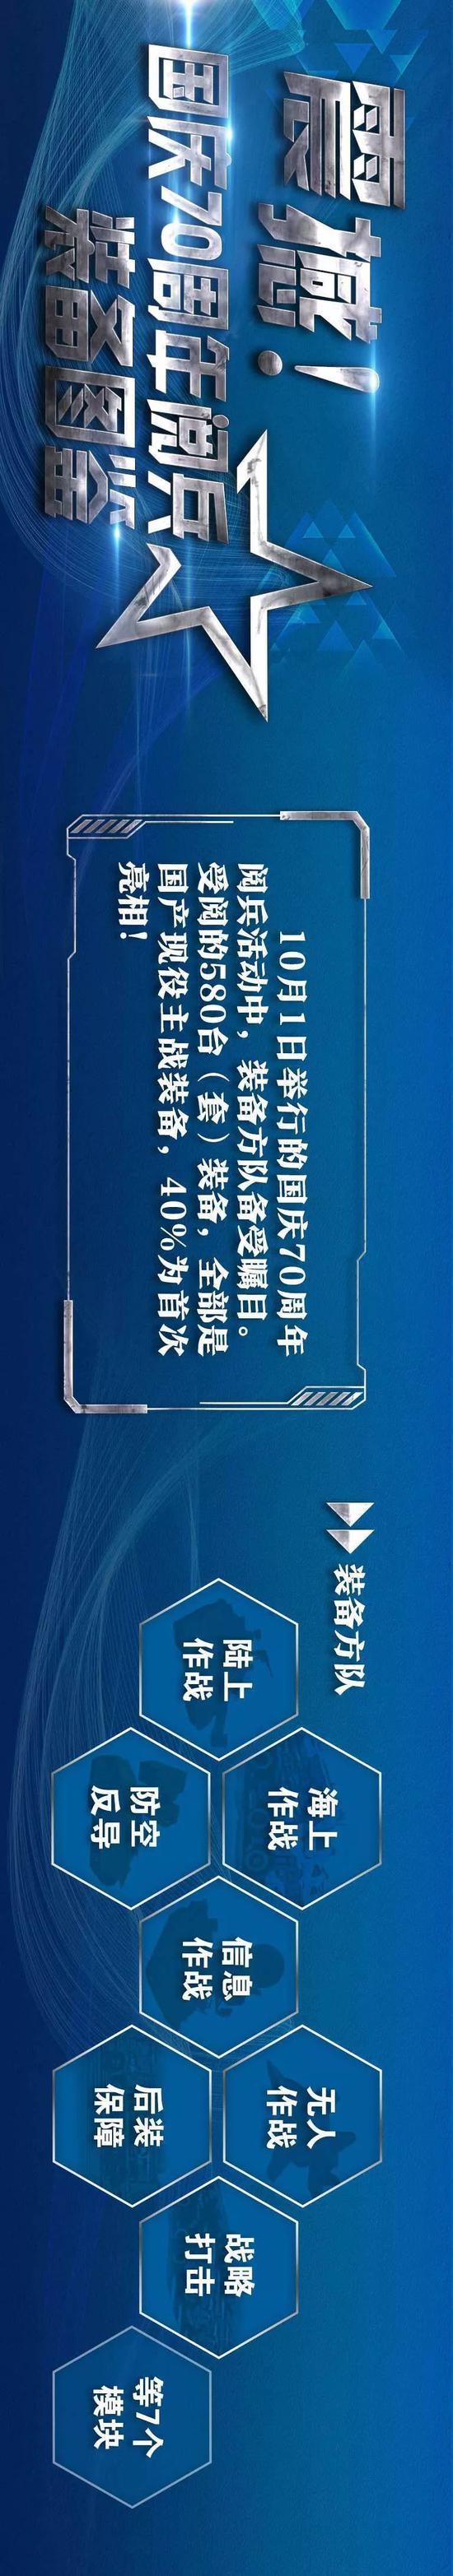 震撼国庆70周年阅兵装备图鉴(图)